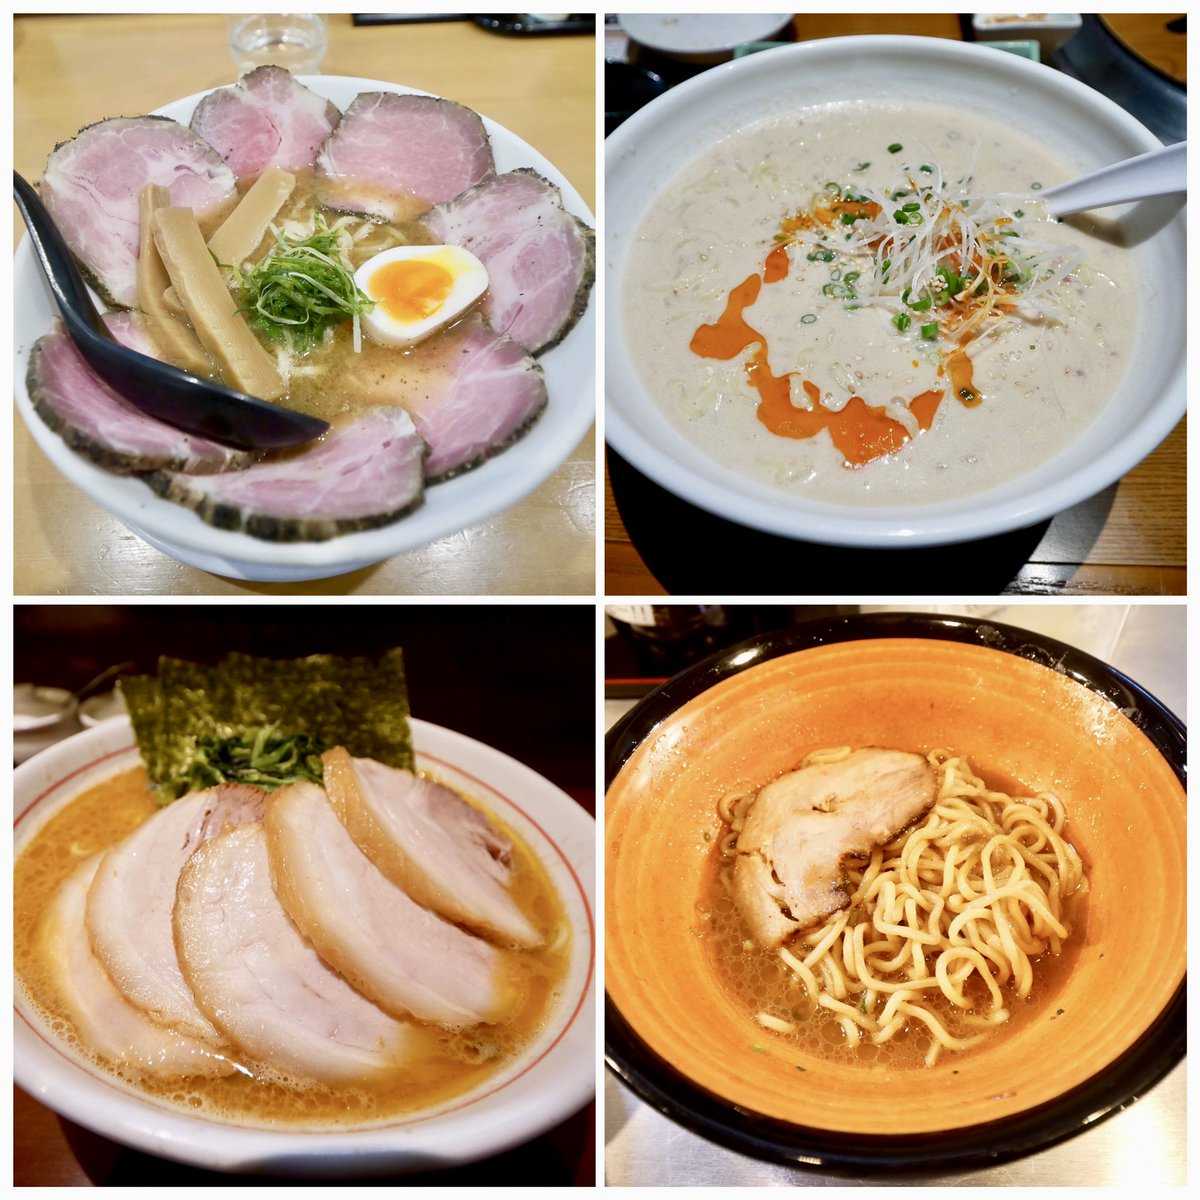 @Natsunooooon この時間のラーメンは何かいいよね( ^ω^ ) どんな感じがいいか分からなかったので、とりあえず最近食べたのをまとめてみました(笑)